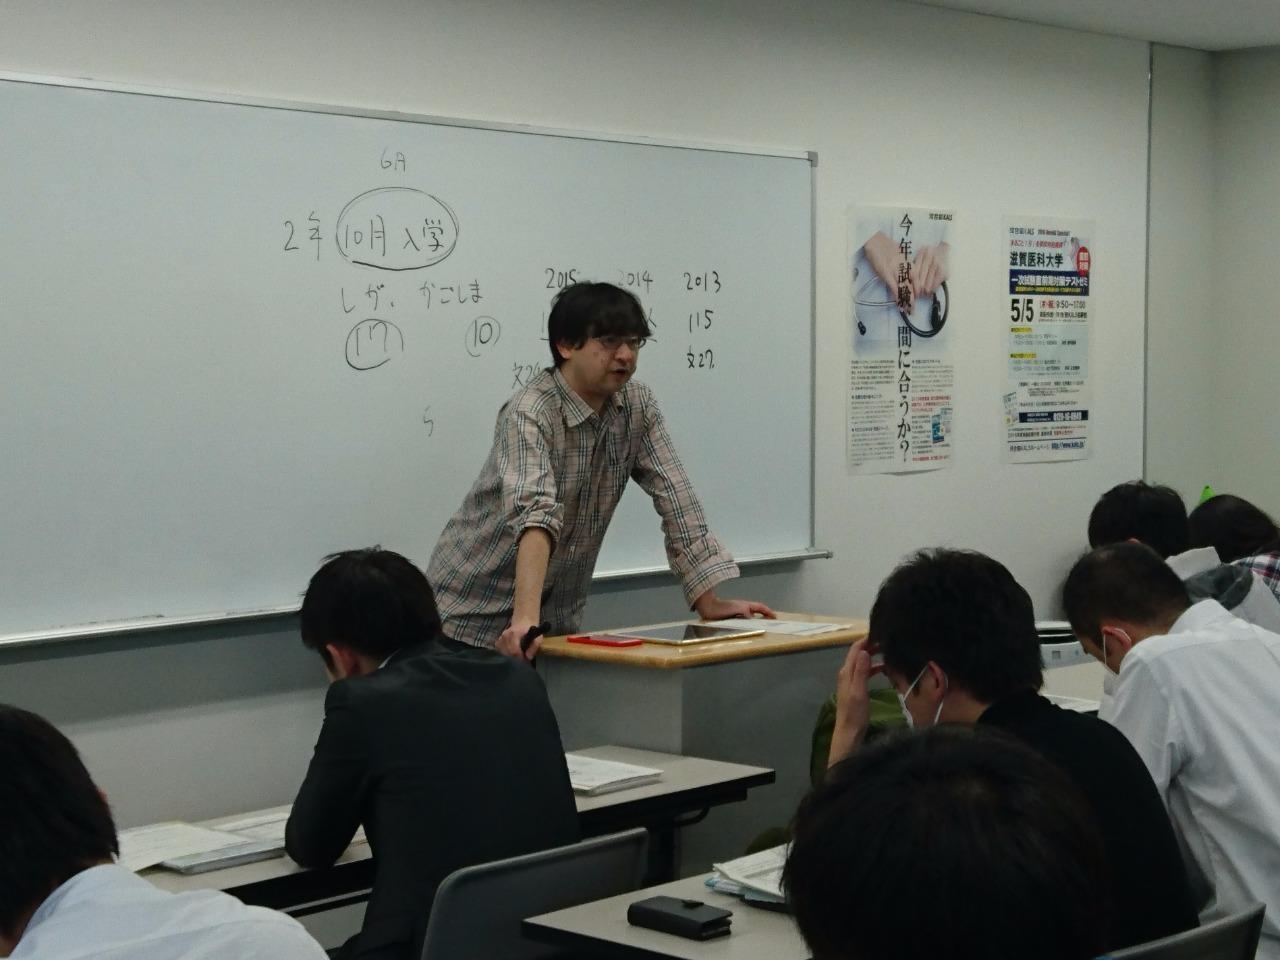 試験情報ガイダンス